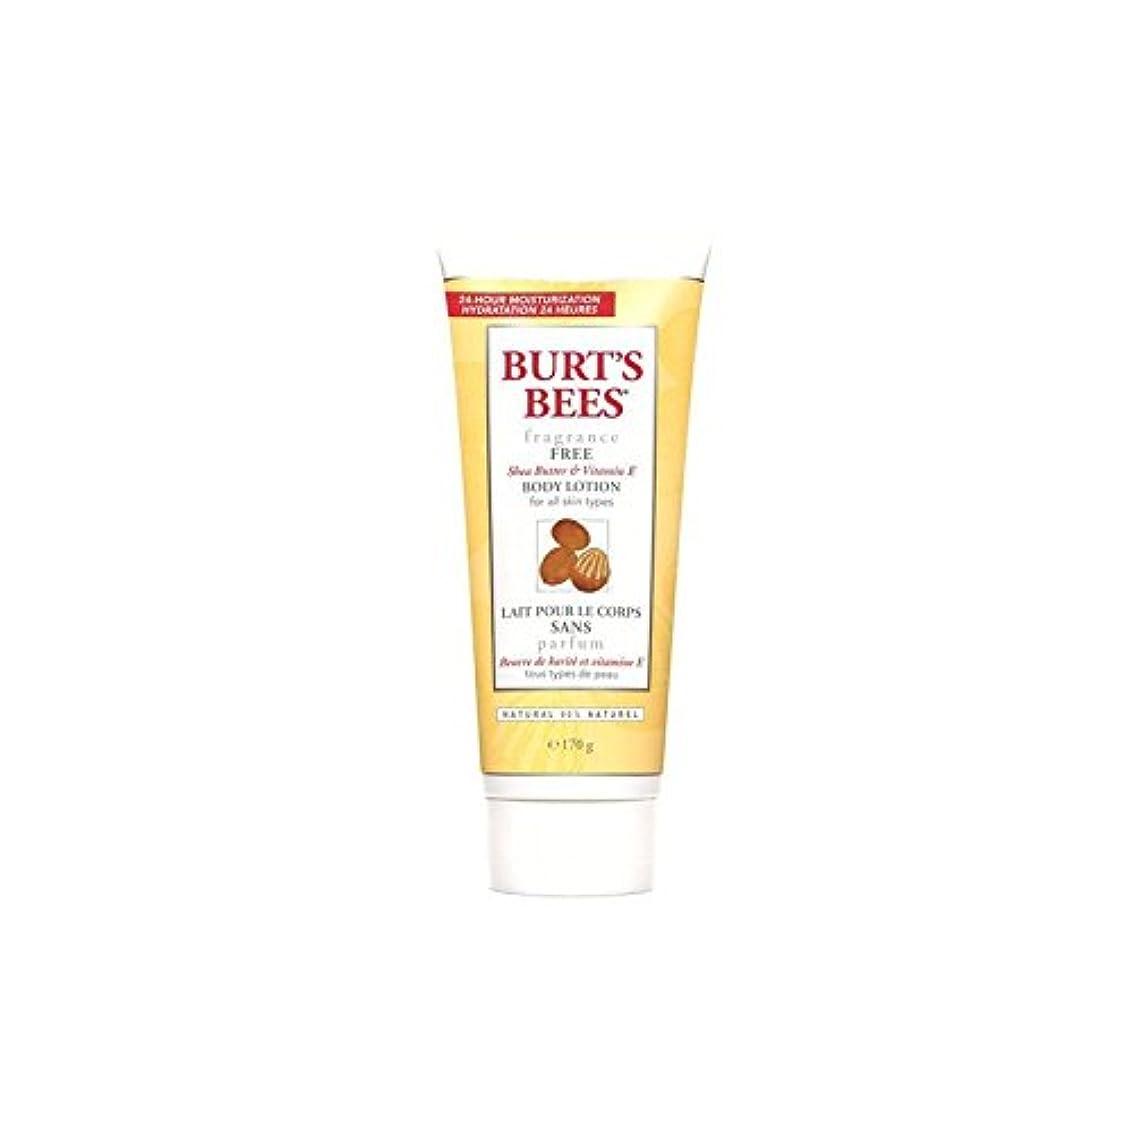 充電キャロライン故障中バーツビーボディローション - 無香料6オンス x4 - Burt's Bees Body Lotion - Fragrance Free 6fl oz (Pack of 4) [並行輸入品]